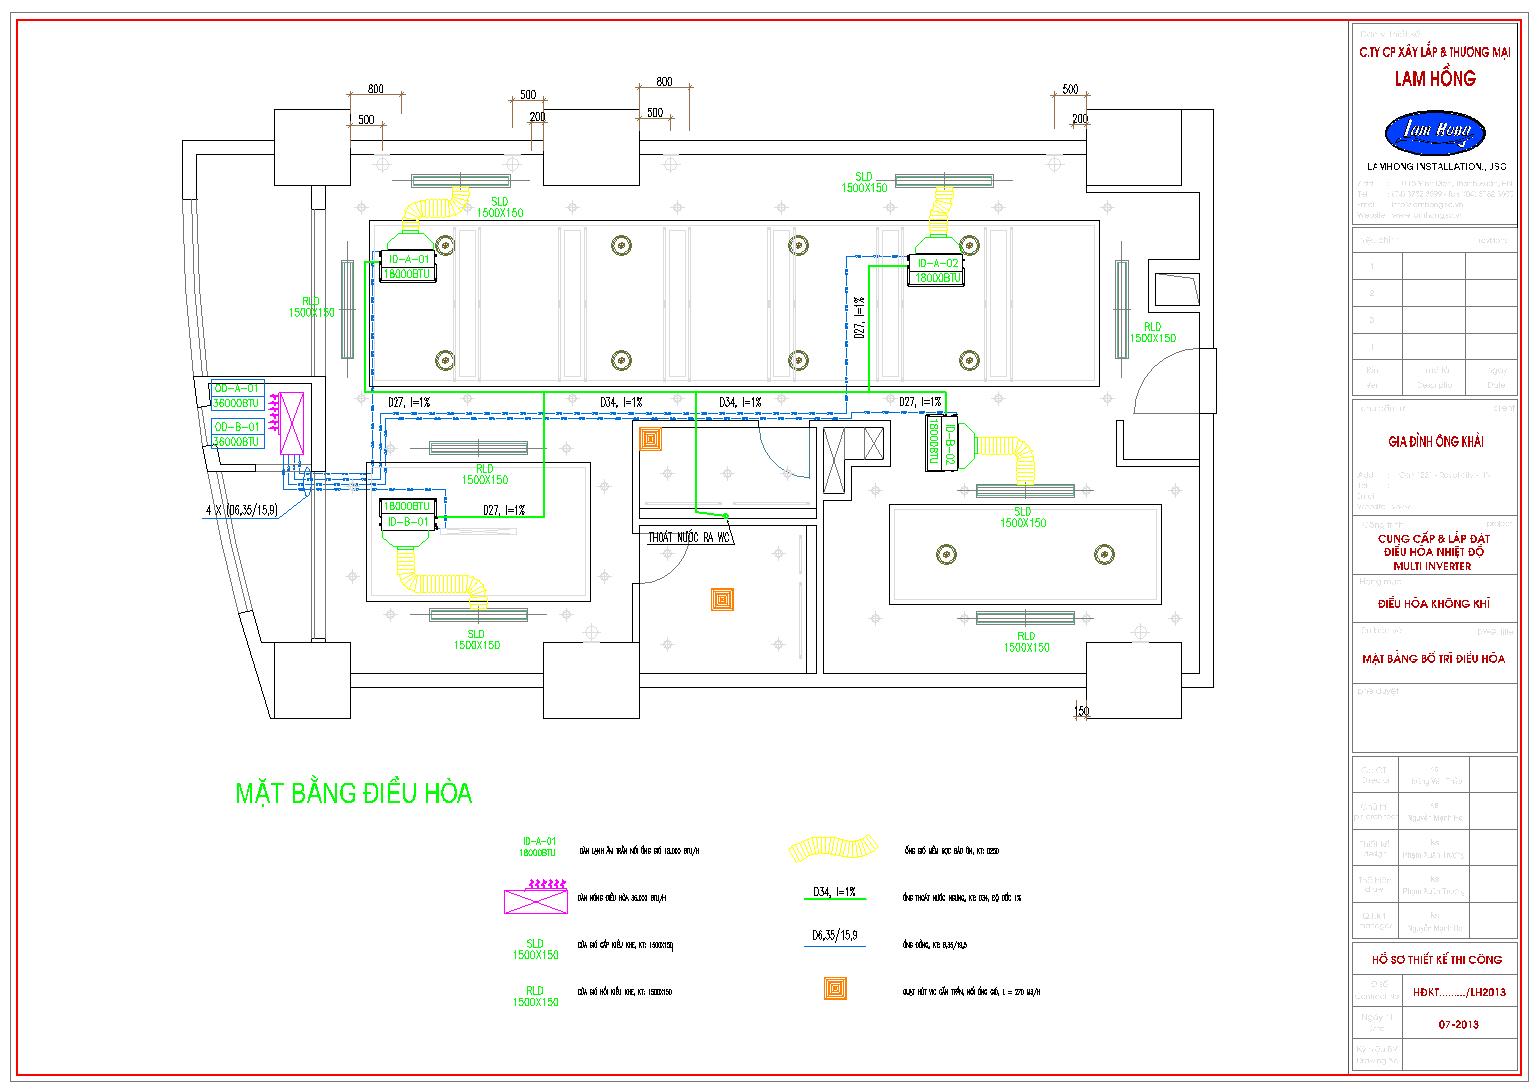 Bản vẽ thiết kế điều hòa multi inverter cho căn hộ cao cấp Royal city